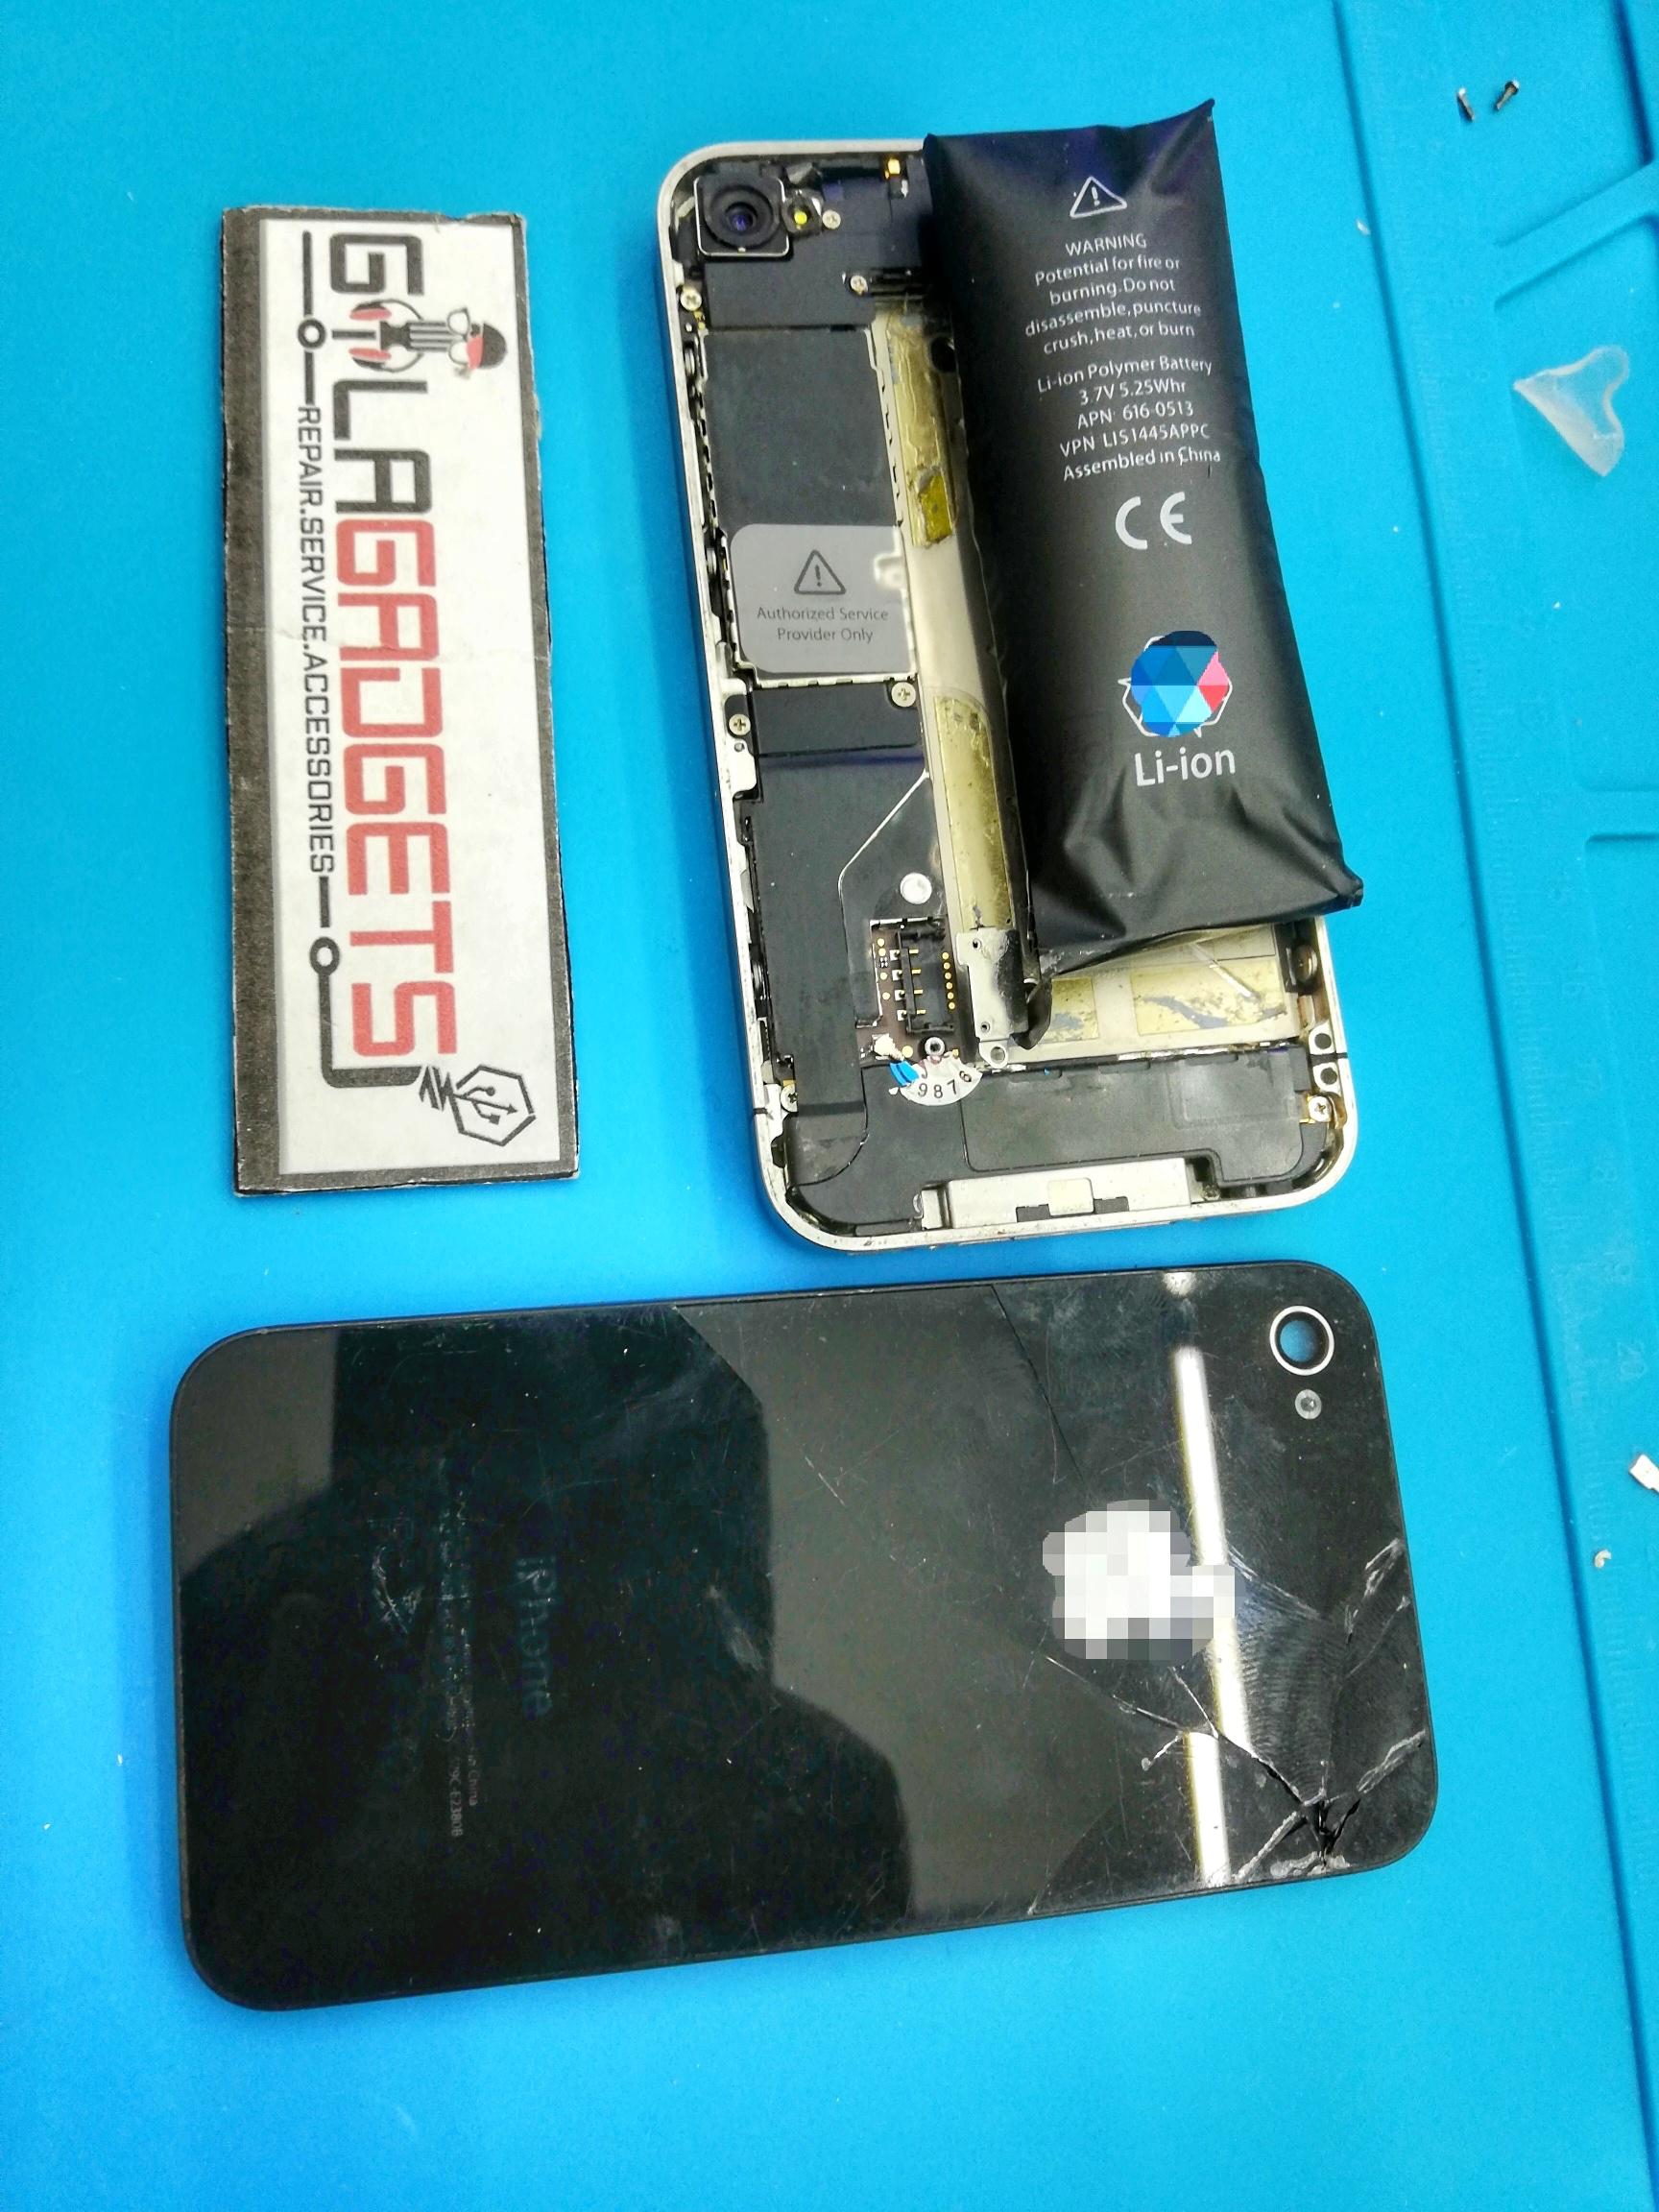 Bateri Kembung iPhone 4 – Taman Permata